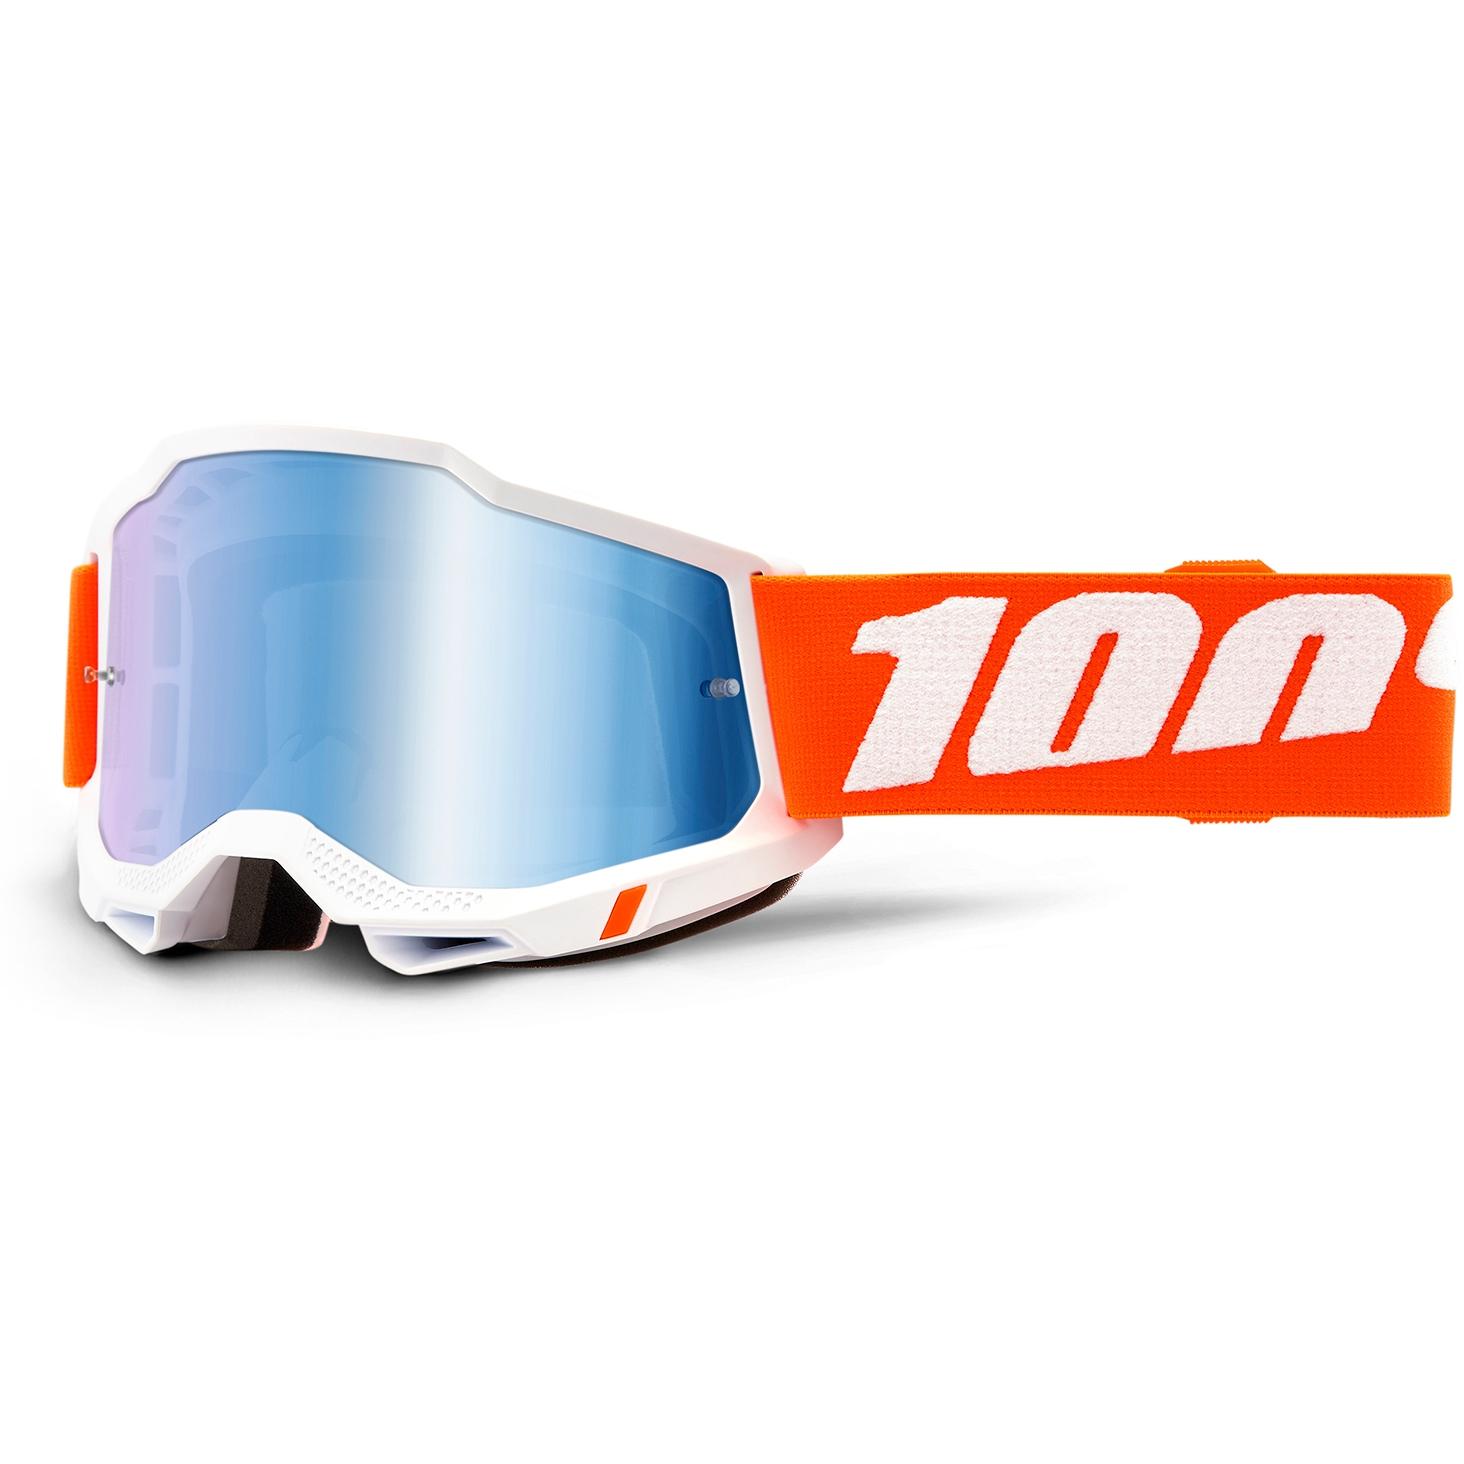 100% Accuri 2 Goggle Mirror Lens Gafas - Sevastopol